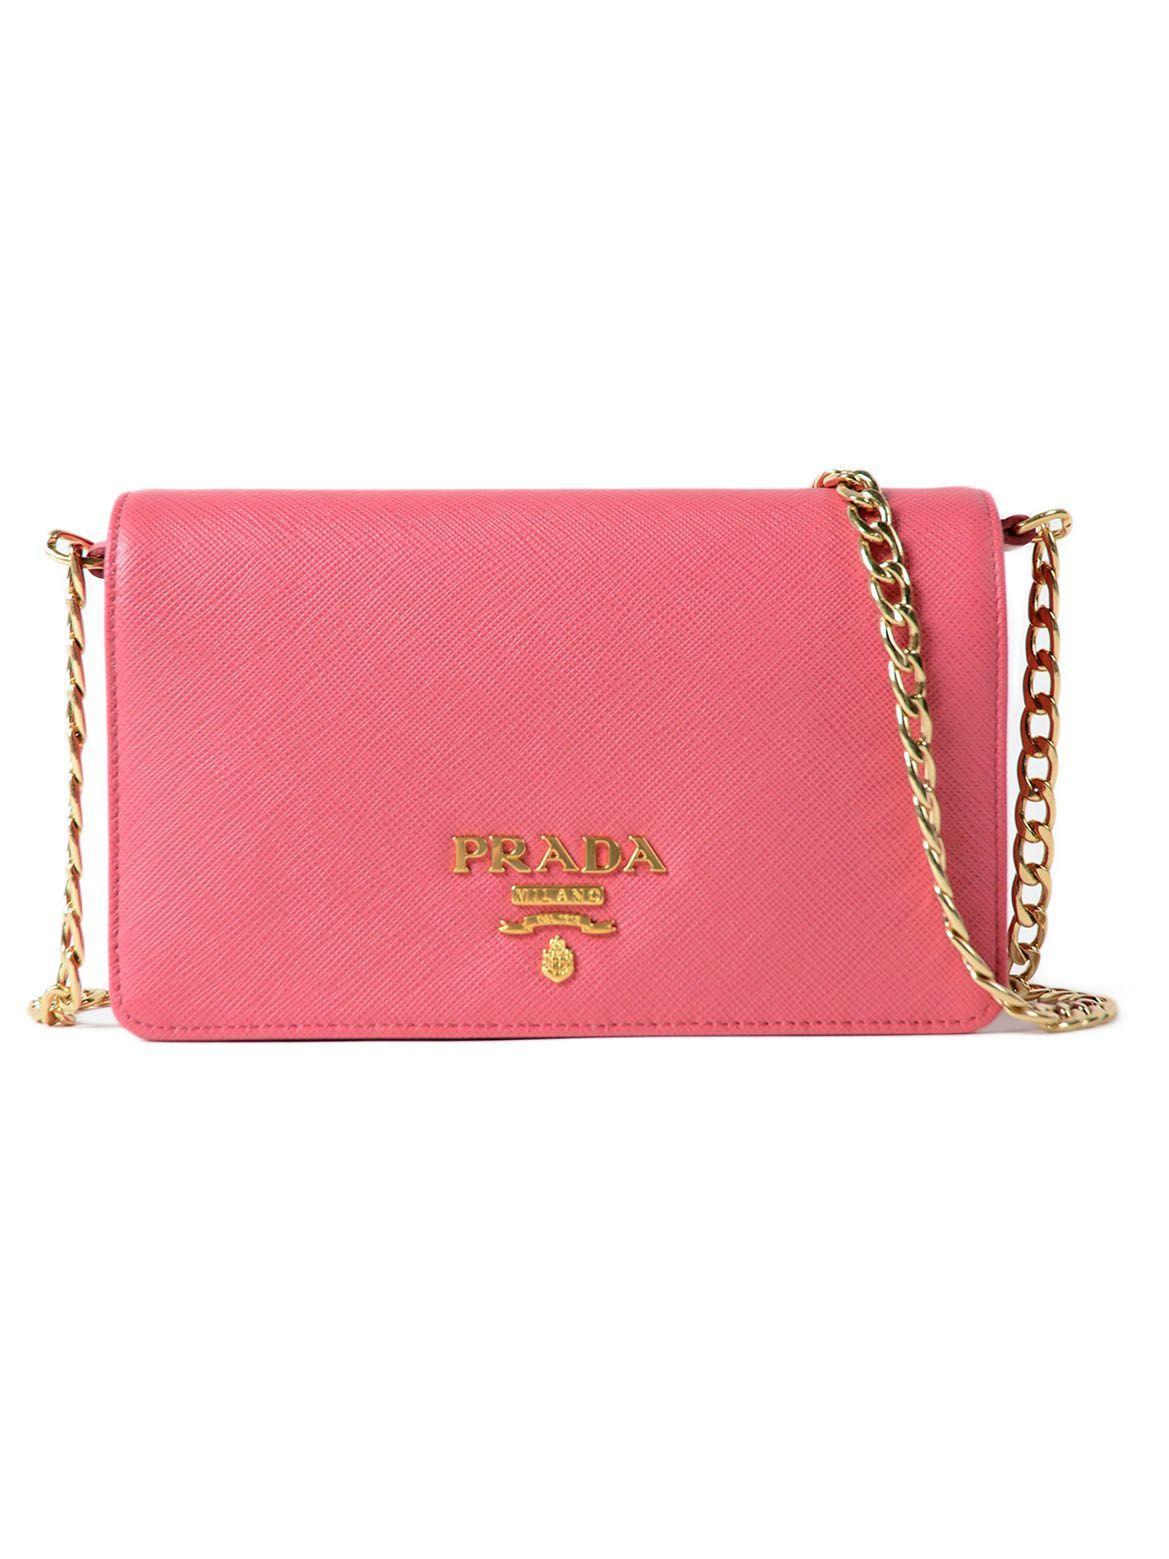 2e67045bf1 ... ebay prada saffiano lux crossbody. prada bags shoulder bags leather  crossbody 2743b 8e06c